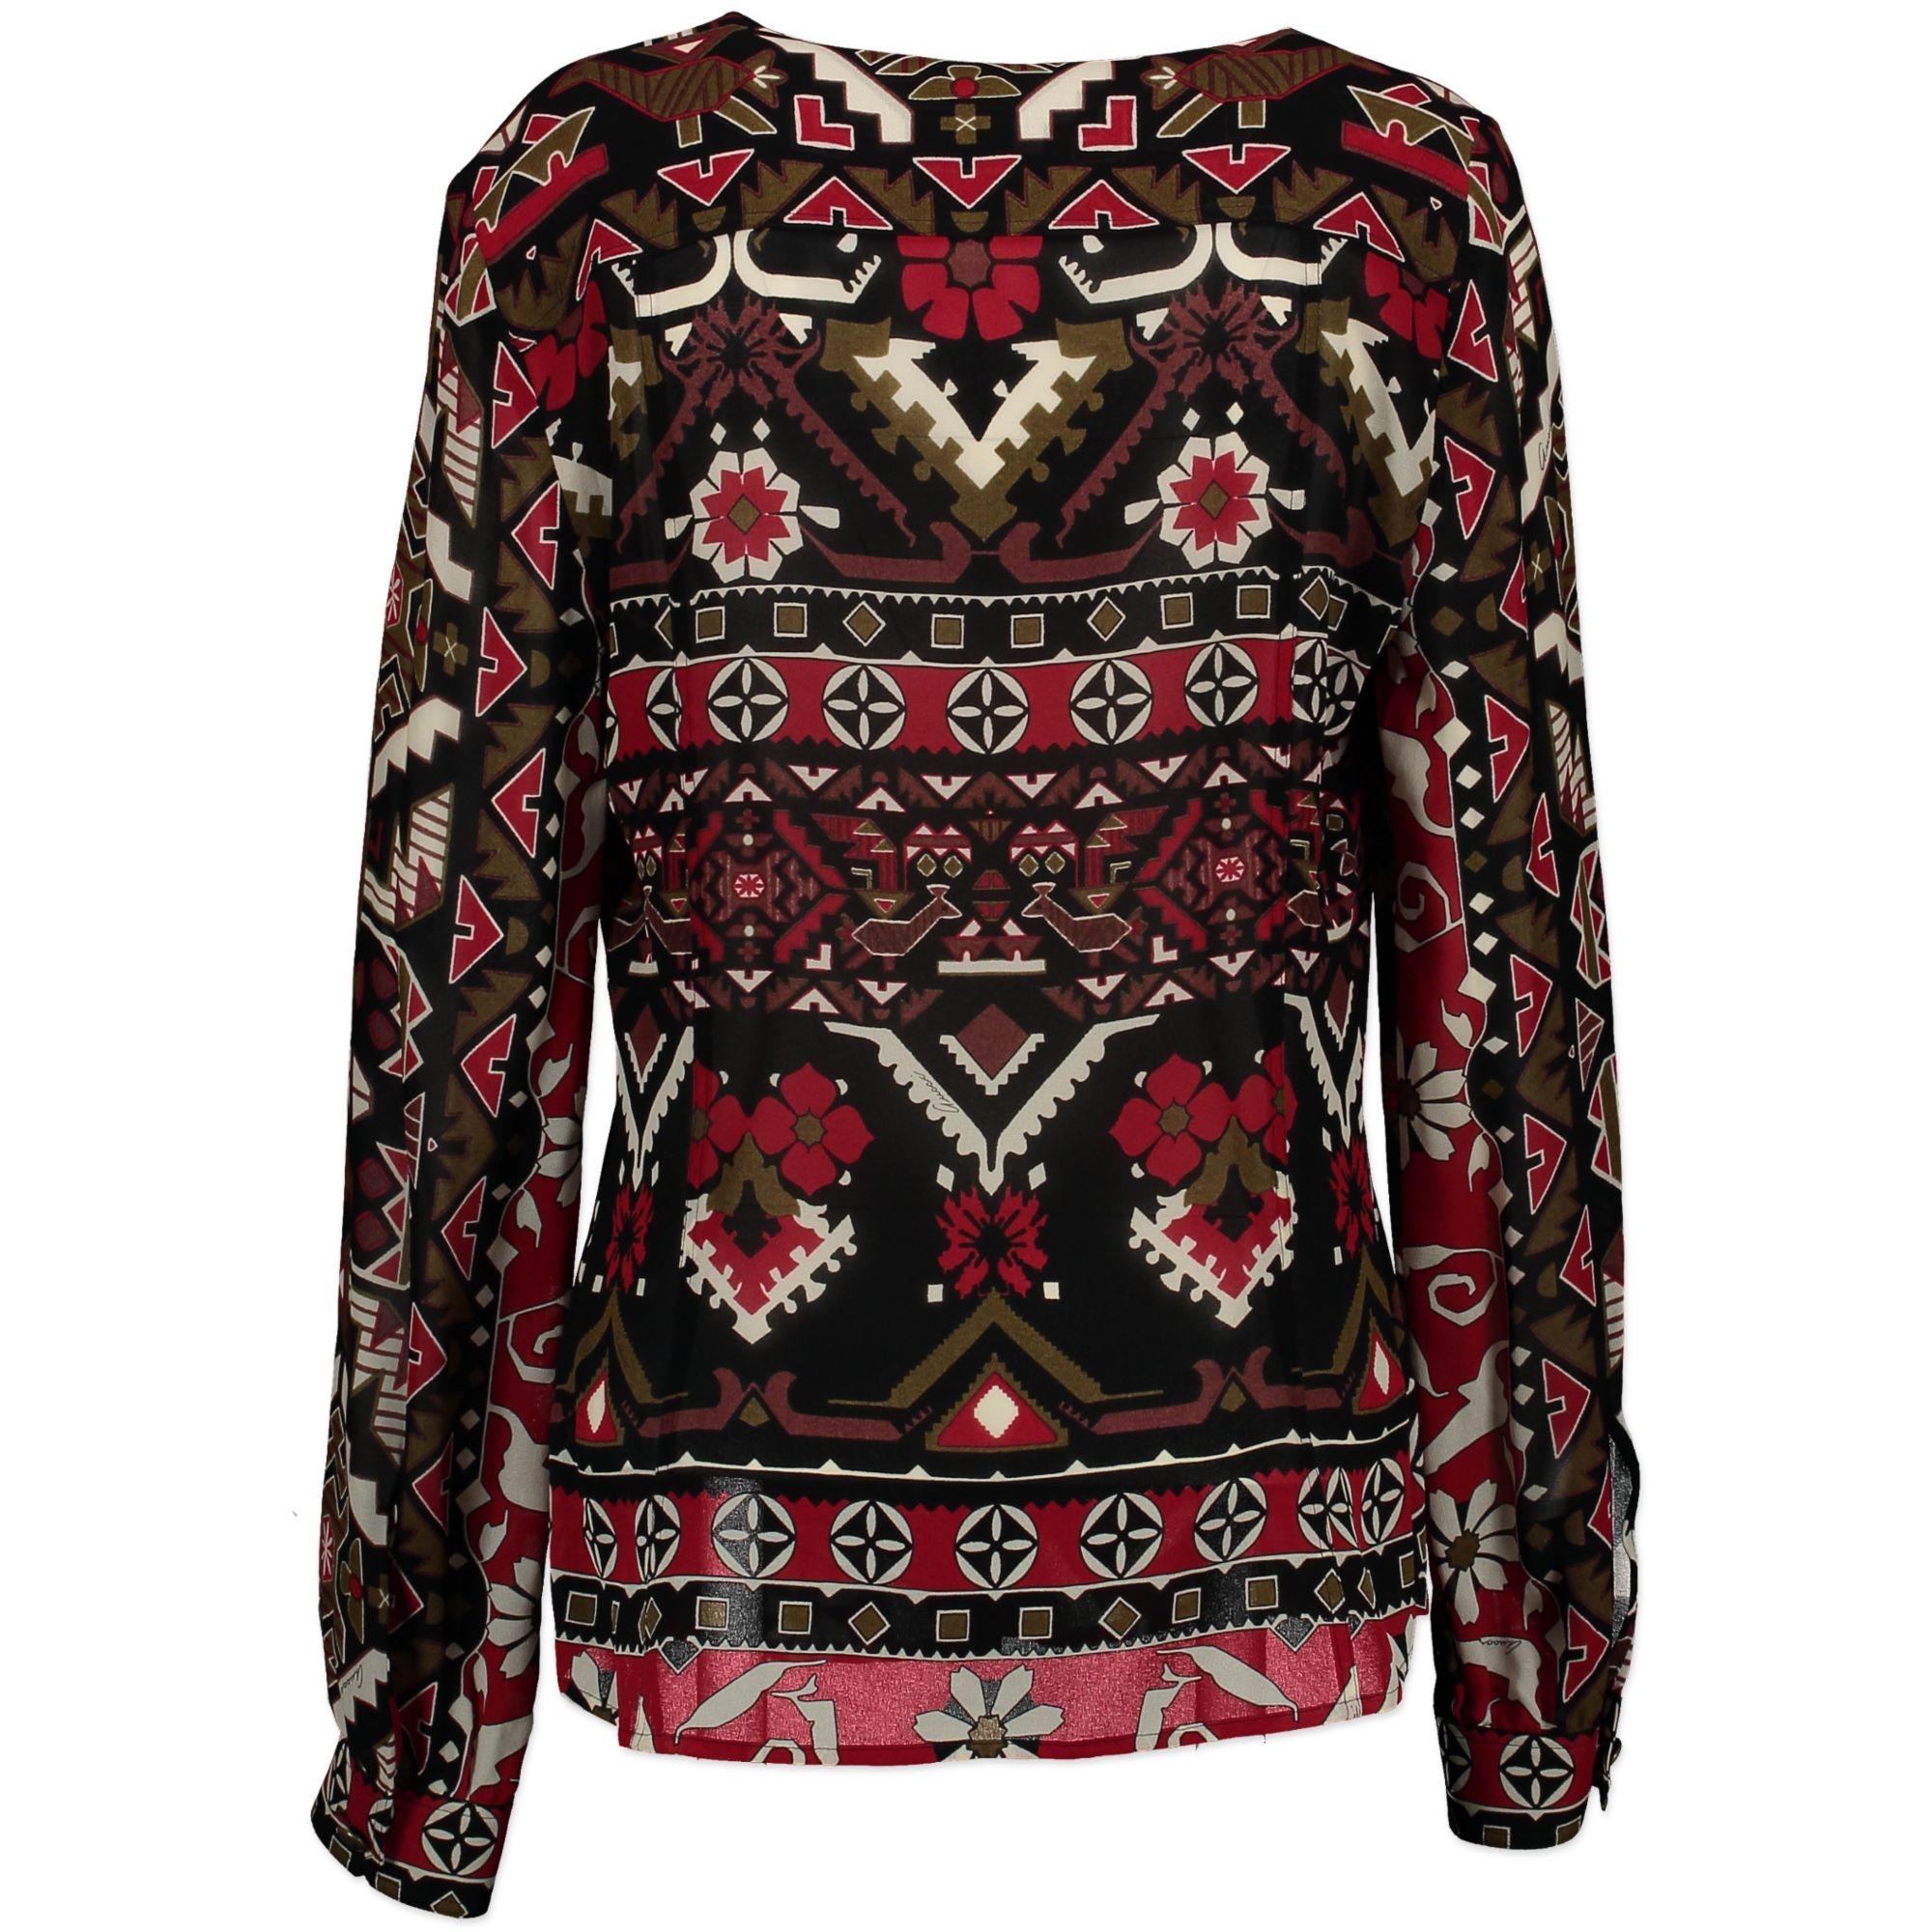 Buy secondhand Gucci at Labellov. Safe online shopping at a fair price. Koop tweedehands kleding bij Labellov. Veilig online winkelen voor een eerlijke prijs.